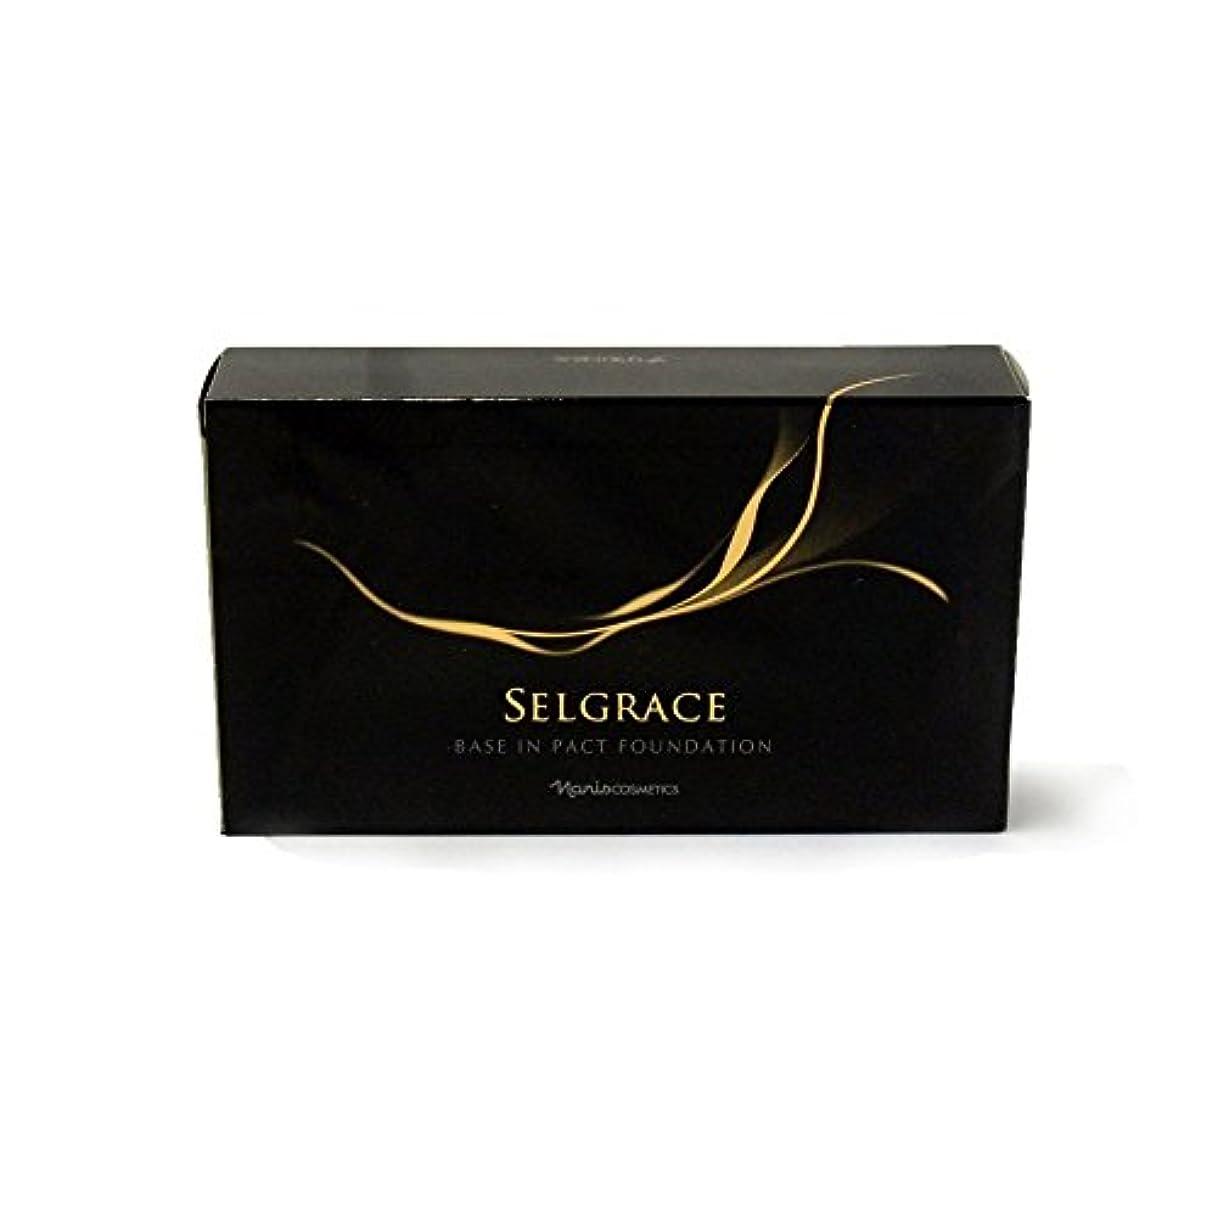 必要とする自治的ナリス化粧品 セルグレース ベースインパクト ファンデーション 570 ダークベージュ レフィル (スポンジ付き)